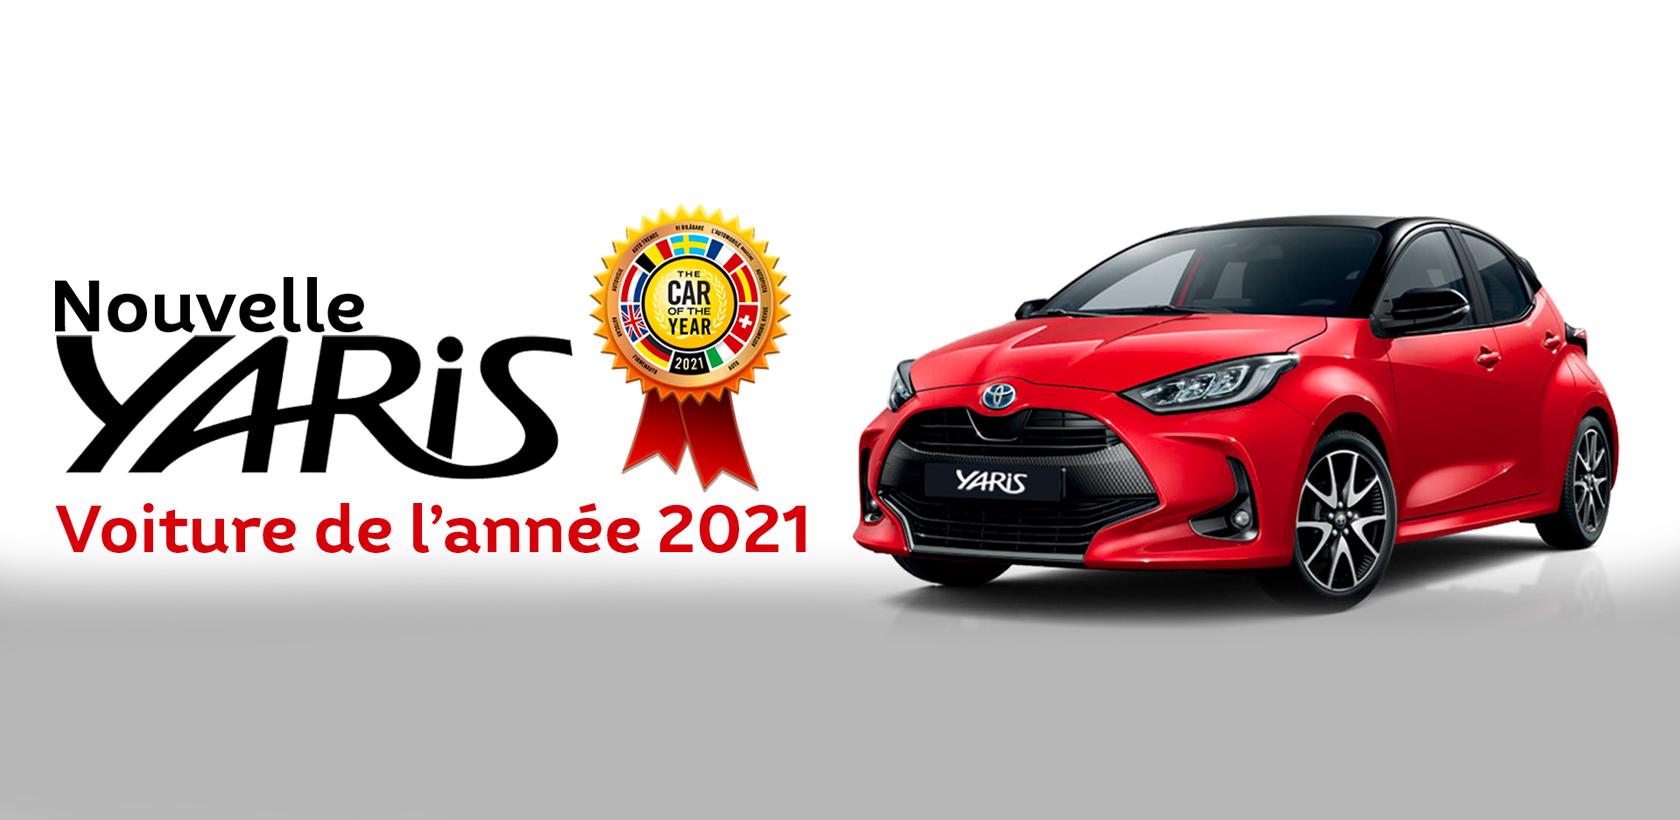 La Toyota YARIS élue voiture de l'année 2021 en Europe